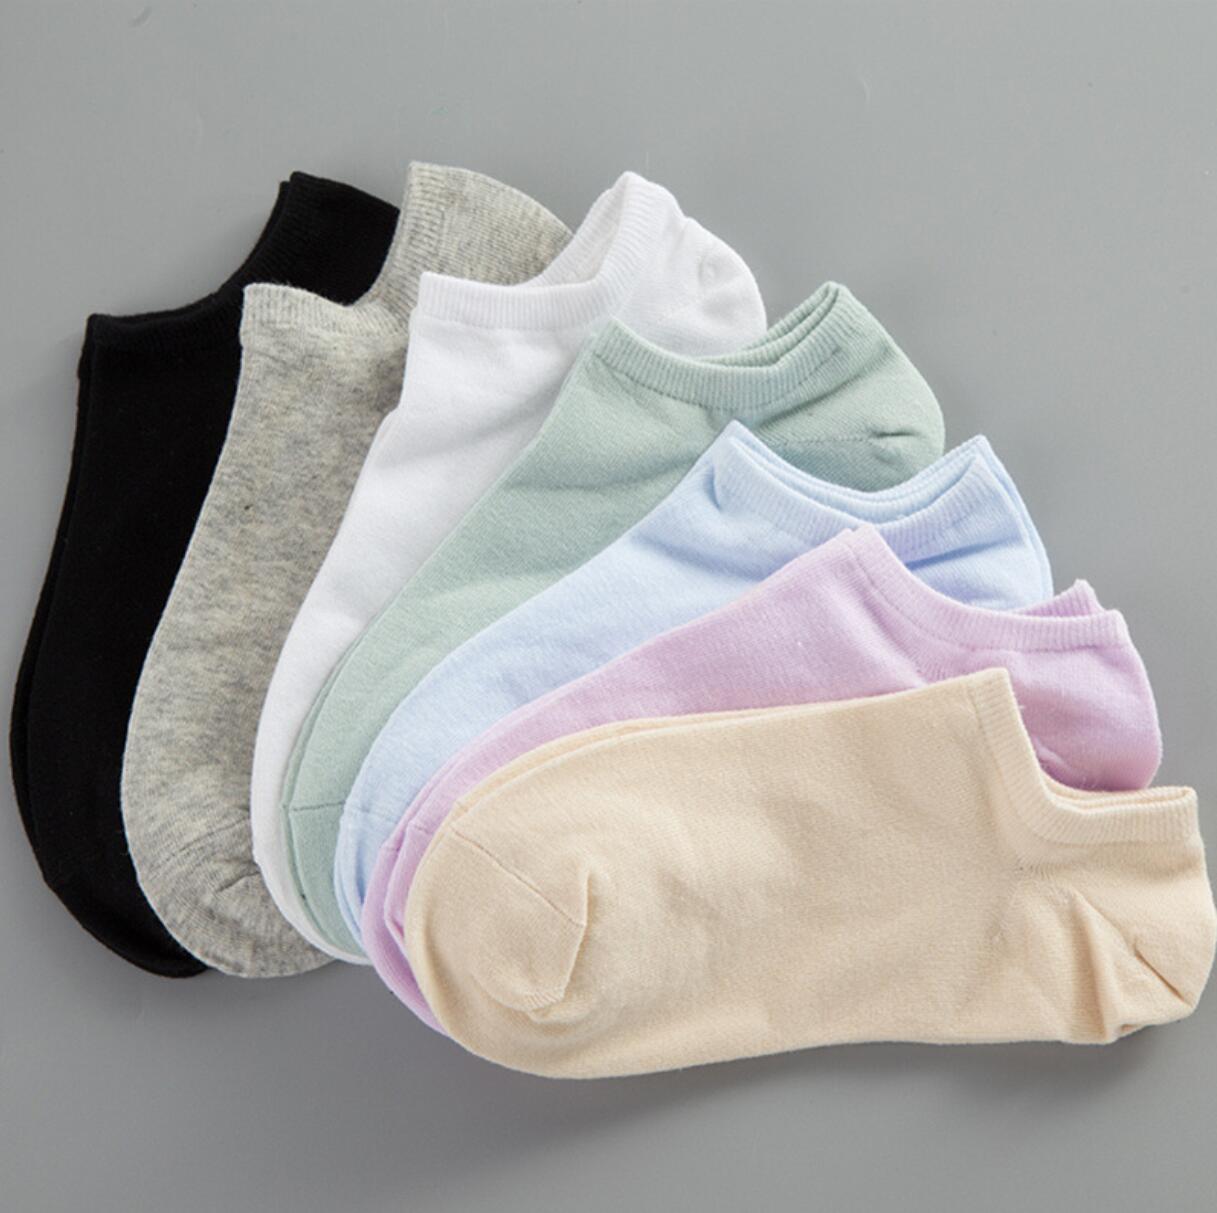 KUI901-KUI906 Autumn Unisex Baby Boy Socks Children Sock Cotton Kids Girl Socks